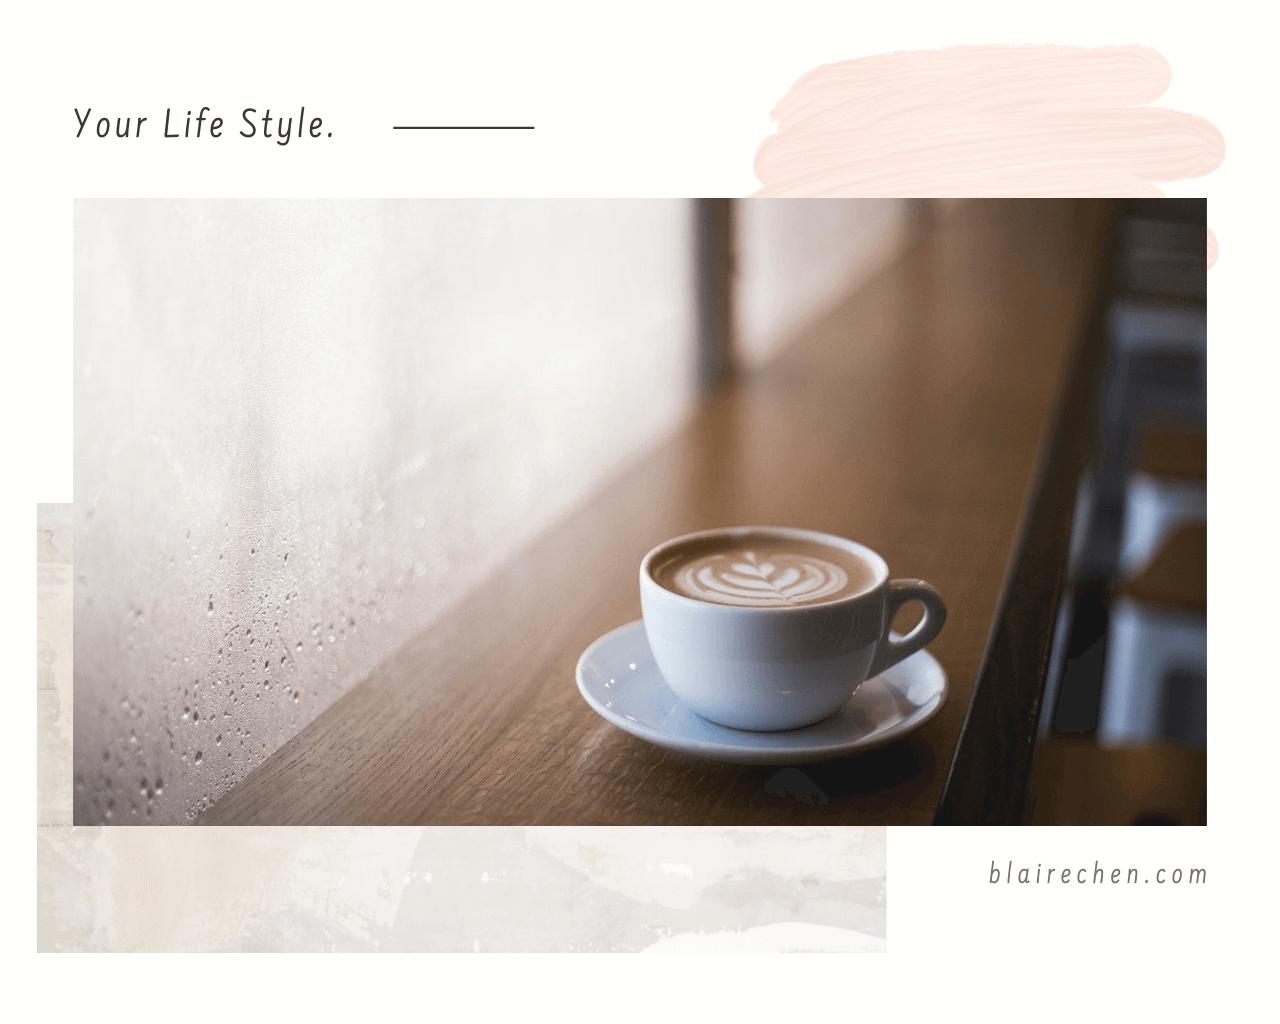 你聽過 Hygge 和 Lagom 嗎?參考 5 種來自世界各地的風格,找到屬於自己生活哲學!